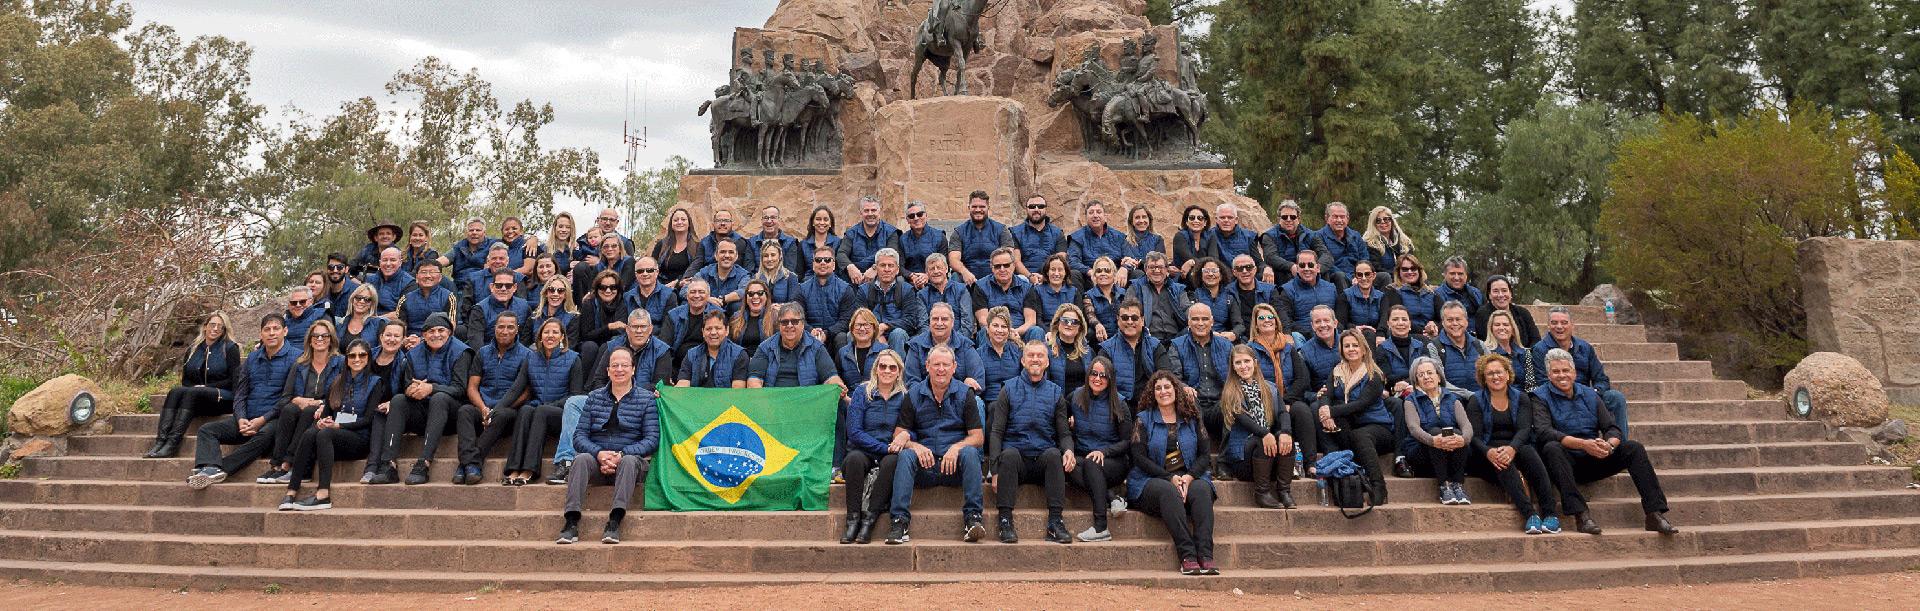 Comvida e GC do Brasil